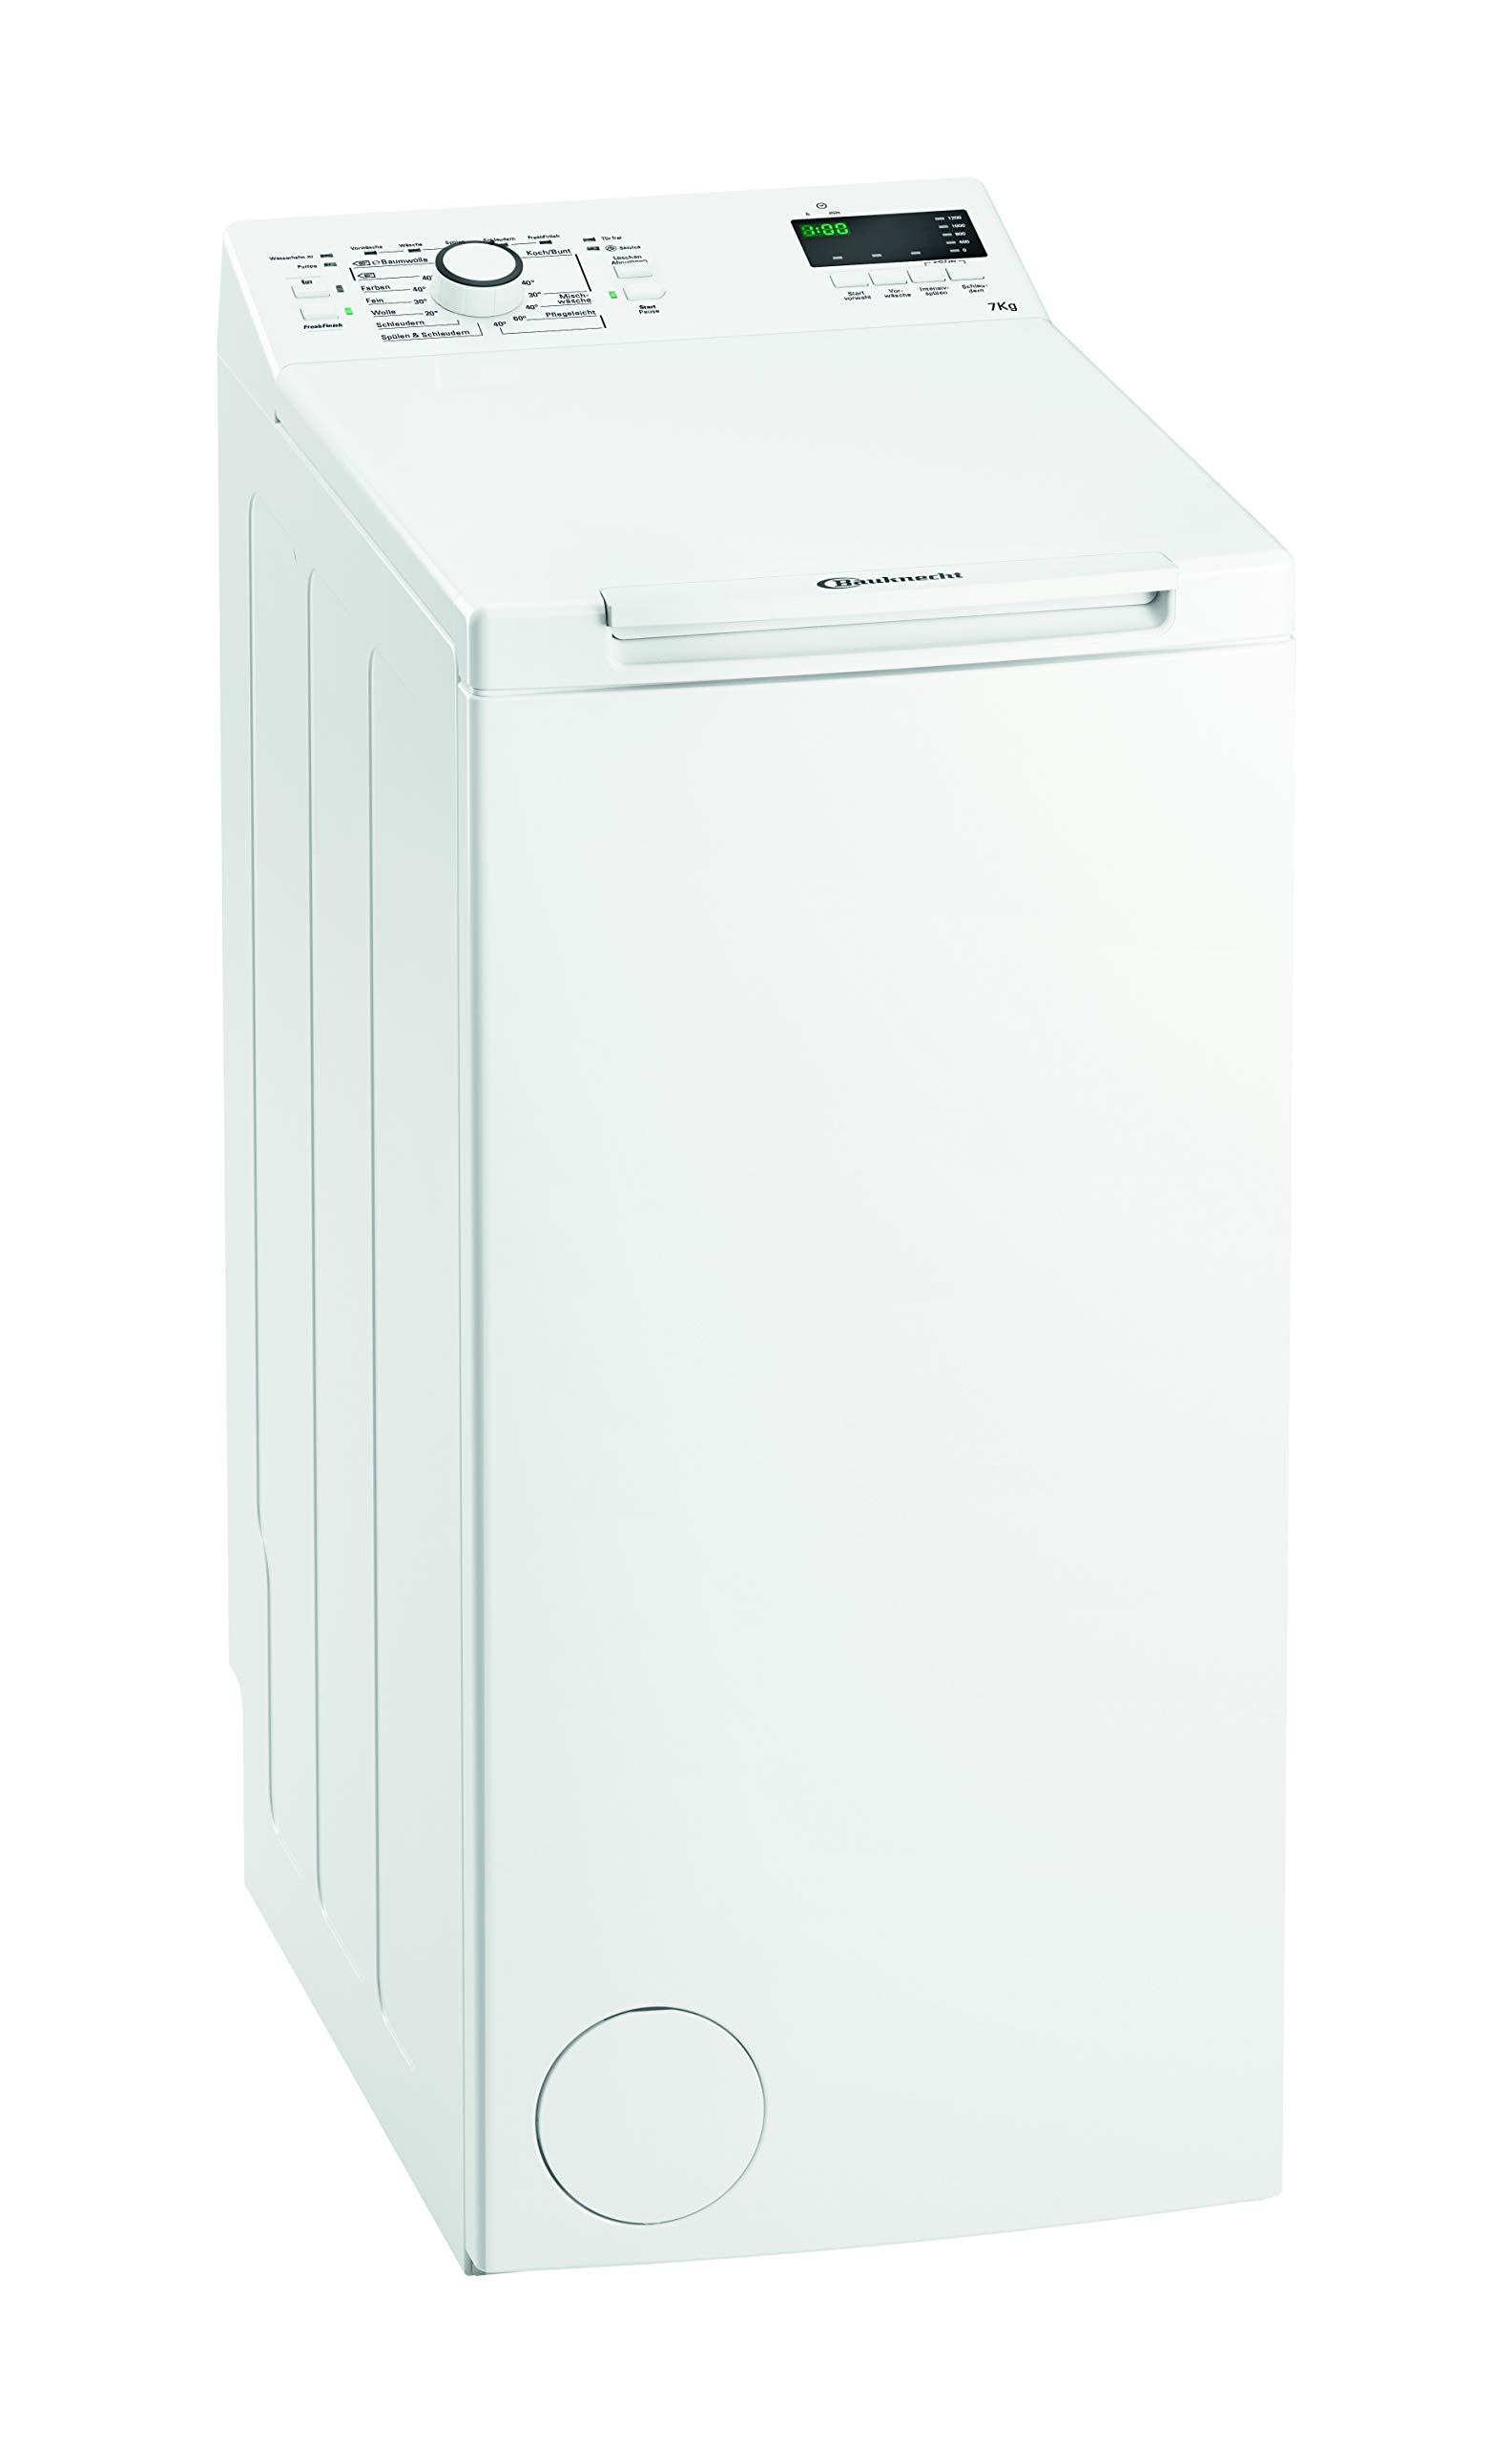 Bauknecht-WMT-EcoStar-722-Di-Waschmaschine-TLA-190-kWhJahr-1200-UpM-7-kgStartzeitvorwahl-und-RestzeitanzeigeFreshFinish-verhindert-zuverlssig-KnitterfaltenKurz-Optionwei